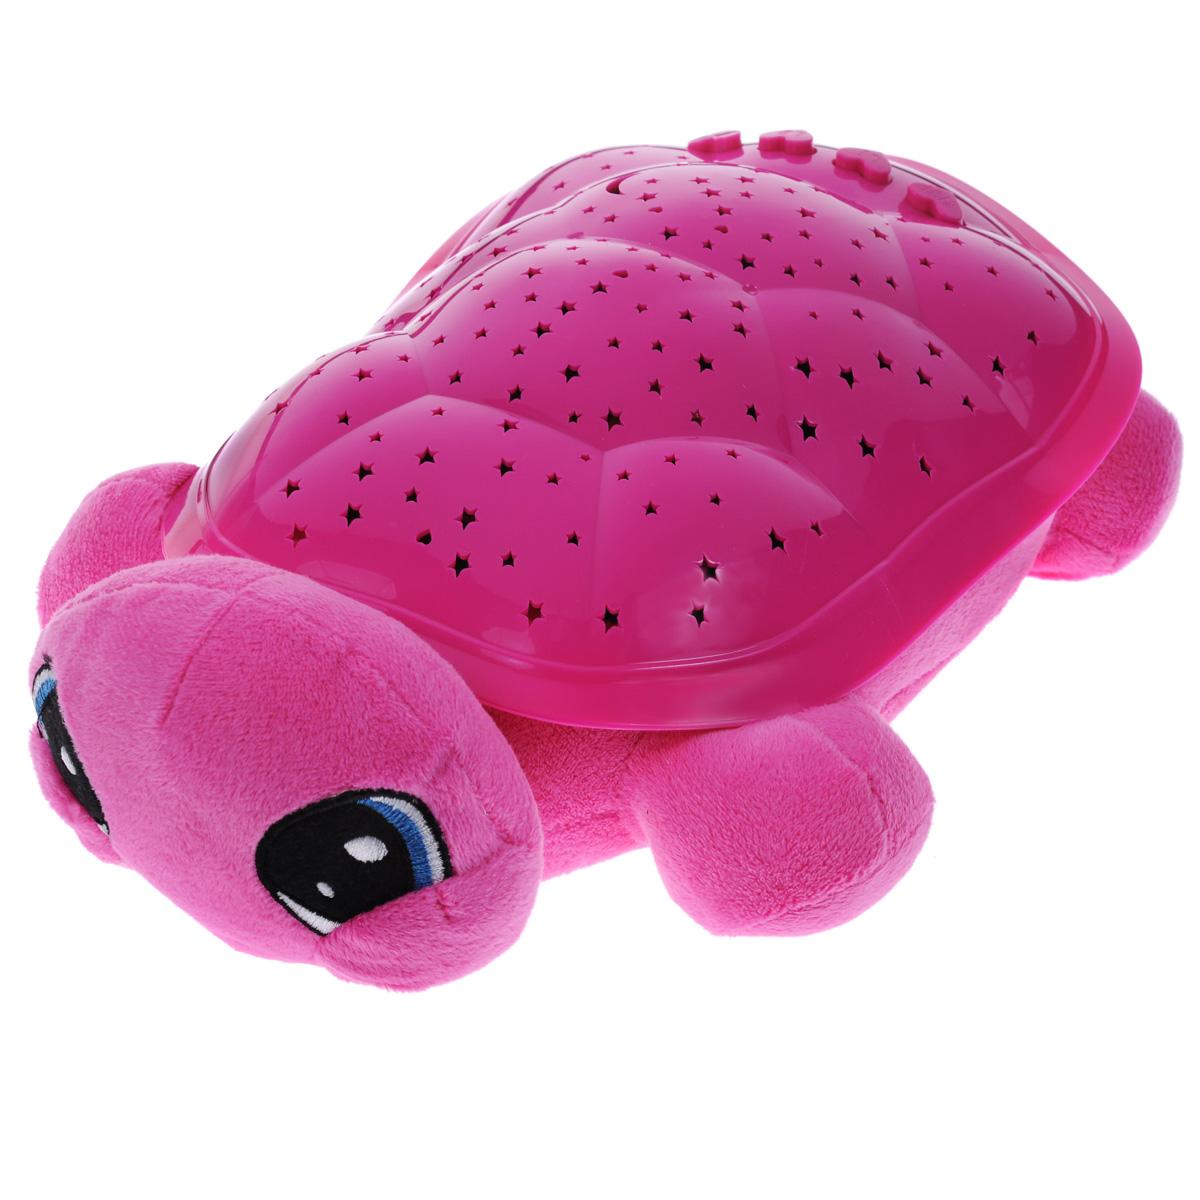 Ночник-проектор Мульти-Пульти Волшебная черепаха, цвет: розовыйBY8006A-Ru_розоваяНочник-проектор Мульти-Пульти Волшебная черепаха создаст волшебную атмосферу для сна ребенка.Это удивительный светильник, выполненный в форме мягкой игрушки-черепашки. Дизайн игрушки наверняка сразу понравится вашему малышу и завоюет его безграничную любовь.Глазки и ротик черепашки вышиты нитками. Благодаря своему волшебному панцирю черепашка имеет возможность проецировать на потолок и стену звездное небо. Ночник может работать в четырех цветовых режимах: с подсветкой красного, синего, зеленого и оранжевого цветов. Режима мигания света также четыре. Для убаюкивания малыша черепашка проигрывает фрагменты следующих колыбельных: Спят усталые игрушки, Спи, моя радость, усни и Колыбельная медведицы.Для переключения режимов выбора цвета, мигания света и мелодий на панцире черепахи расположены специальные кнопки. В комплект входит инструкция по эксплуатации на русском языке.Необходимо докупить 3 батарейки напряжением 1,5V типа ААА (не входят в комплект).